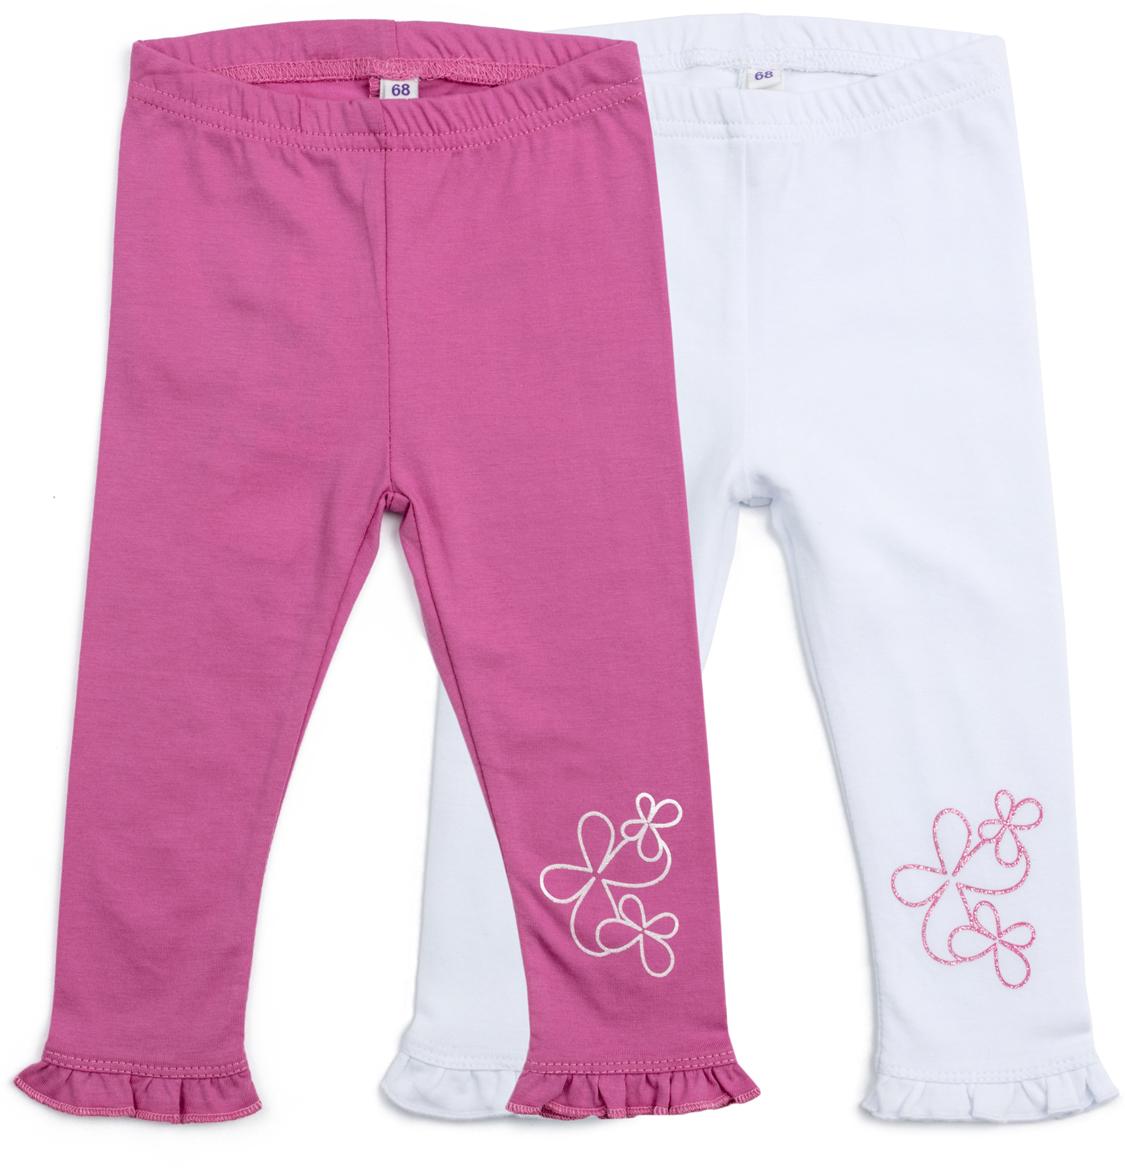 Леггинсы для девочки PlayToday, цвет: белый, розовый, 2 шт. 188860. Размер 74